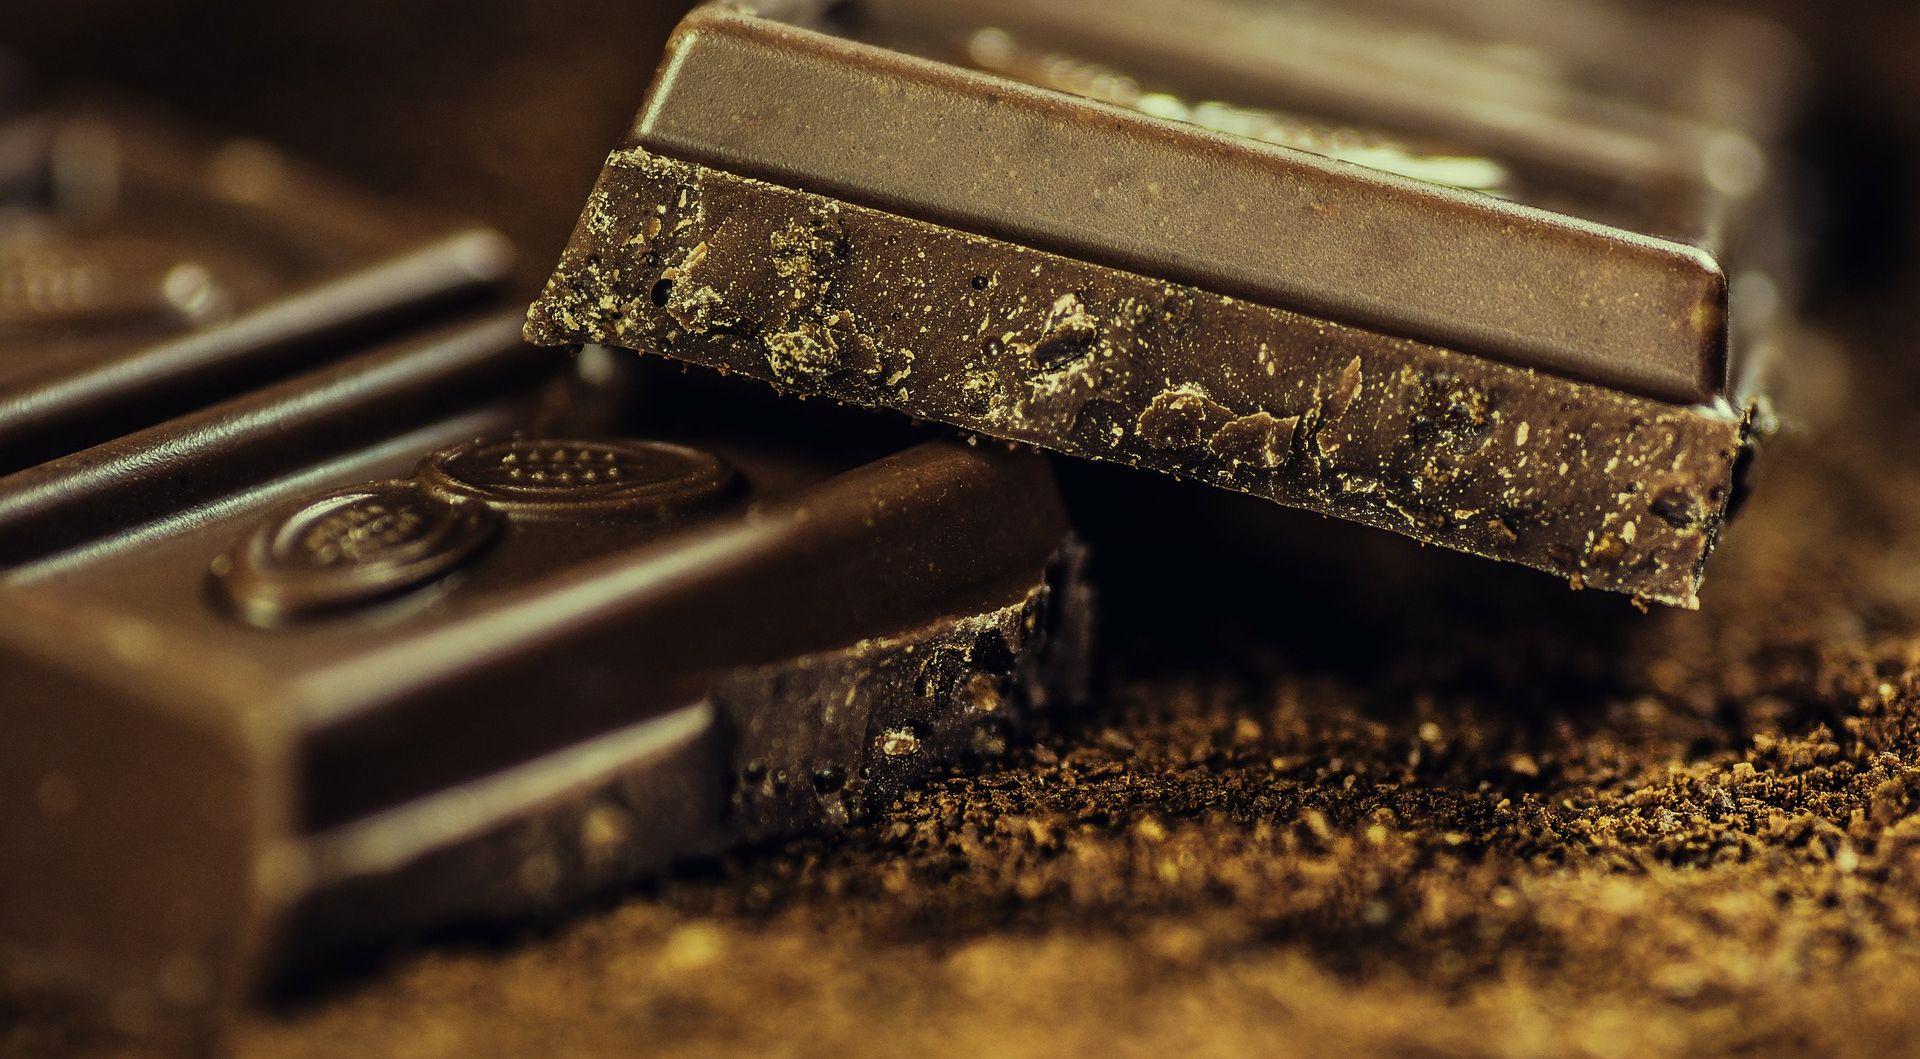 Rusija zabranila uvoz pšenice, čokolade i piva iz Ukrajine